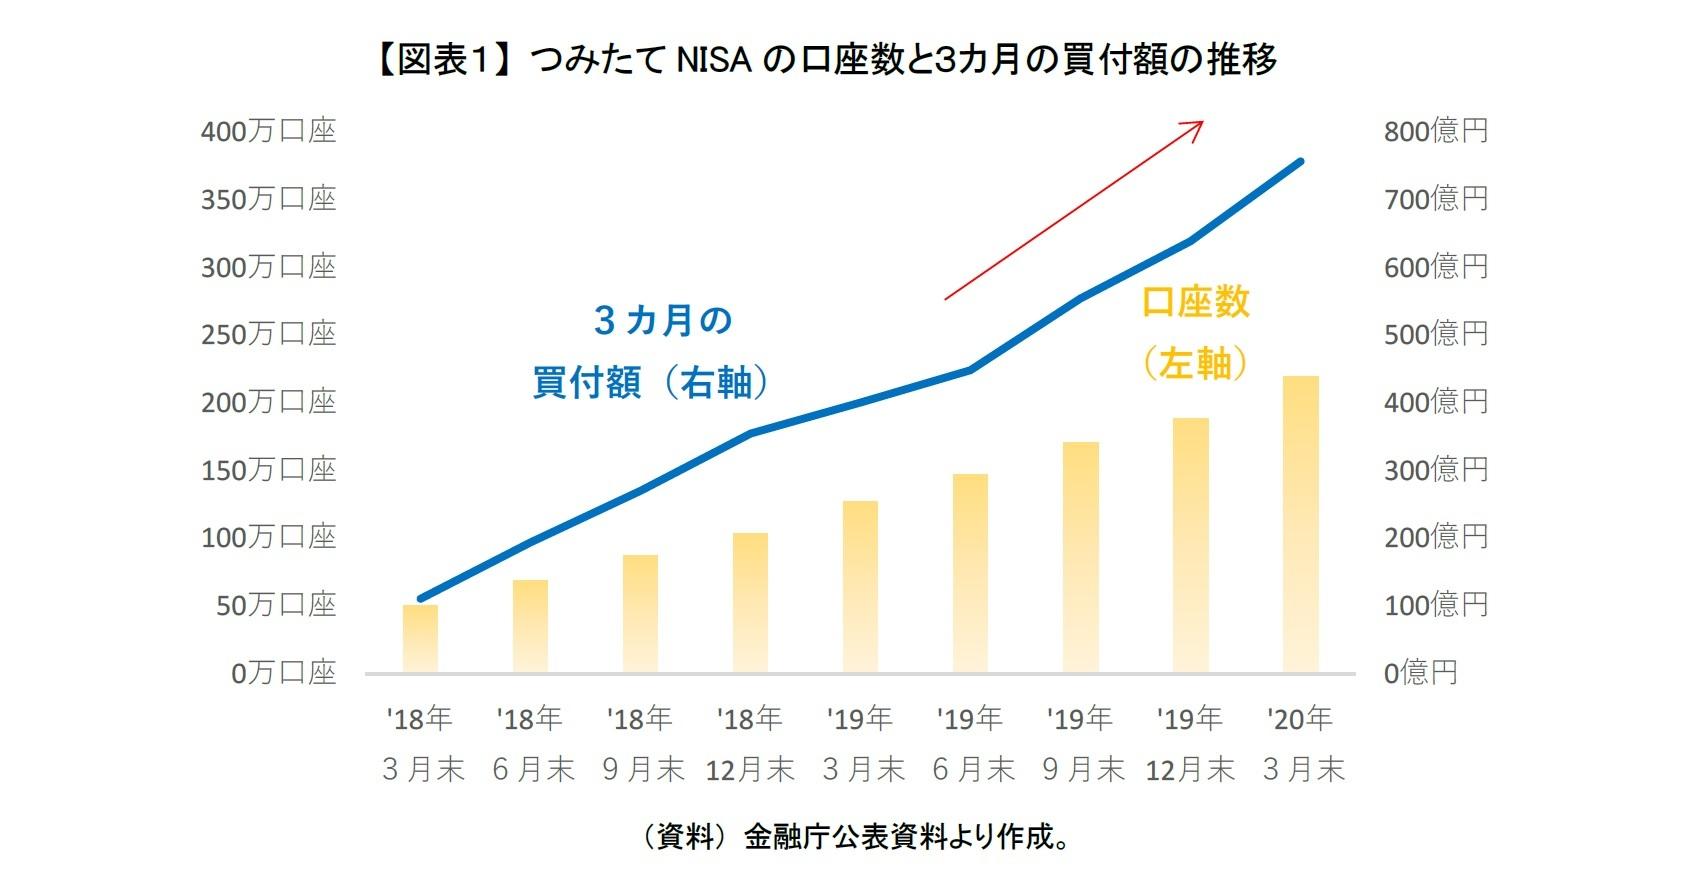 【図表1】 つみたてNISAの口座数と3カ月の買付額の推移